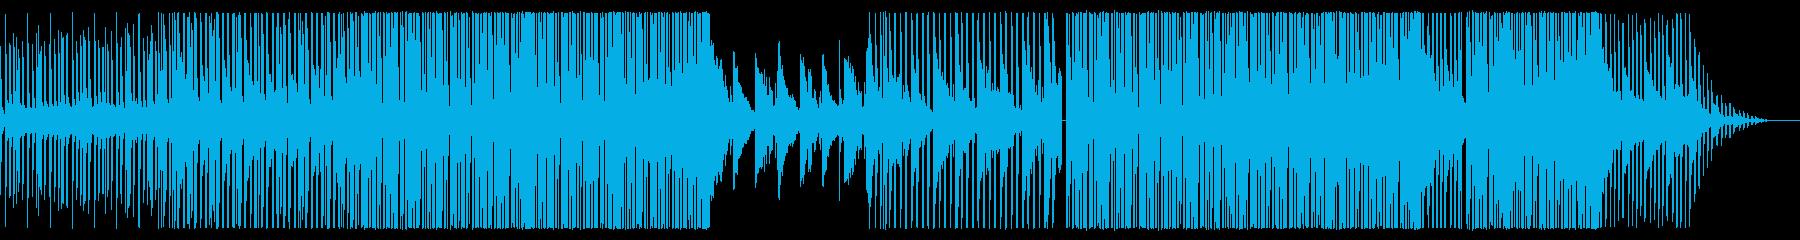 ワクワクで楽しいエレクトロ/ハウスポップの再生済みの波形